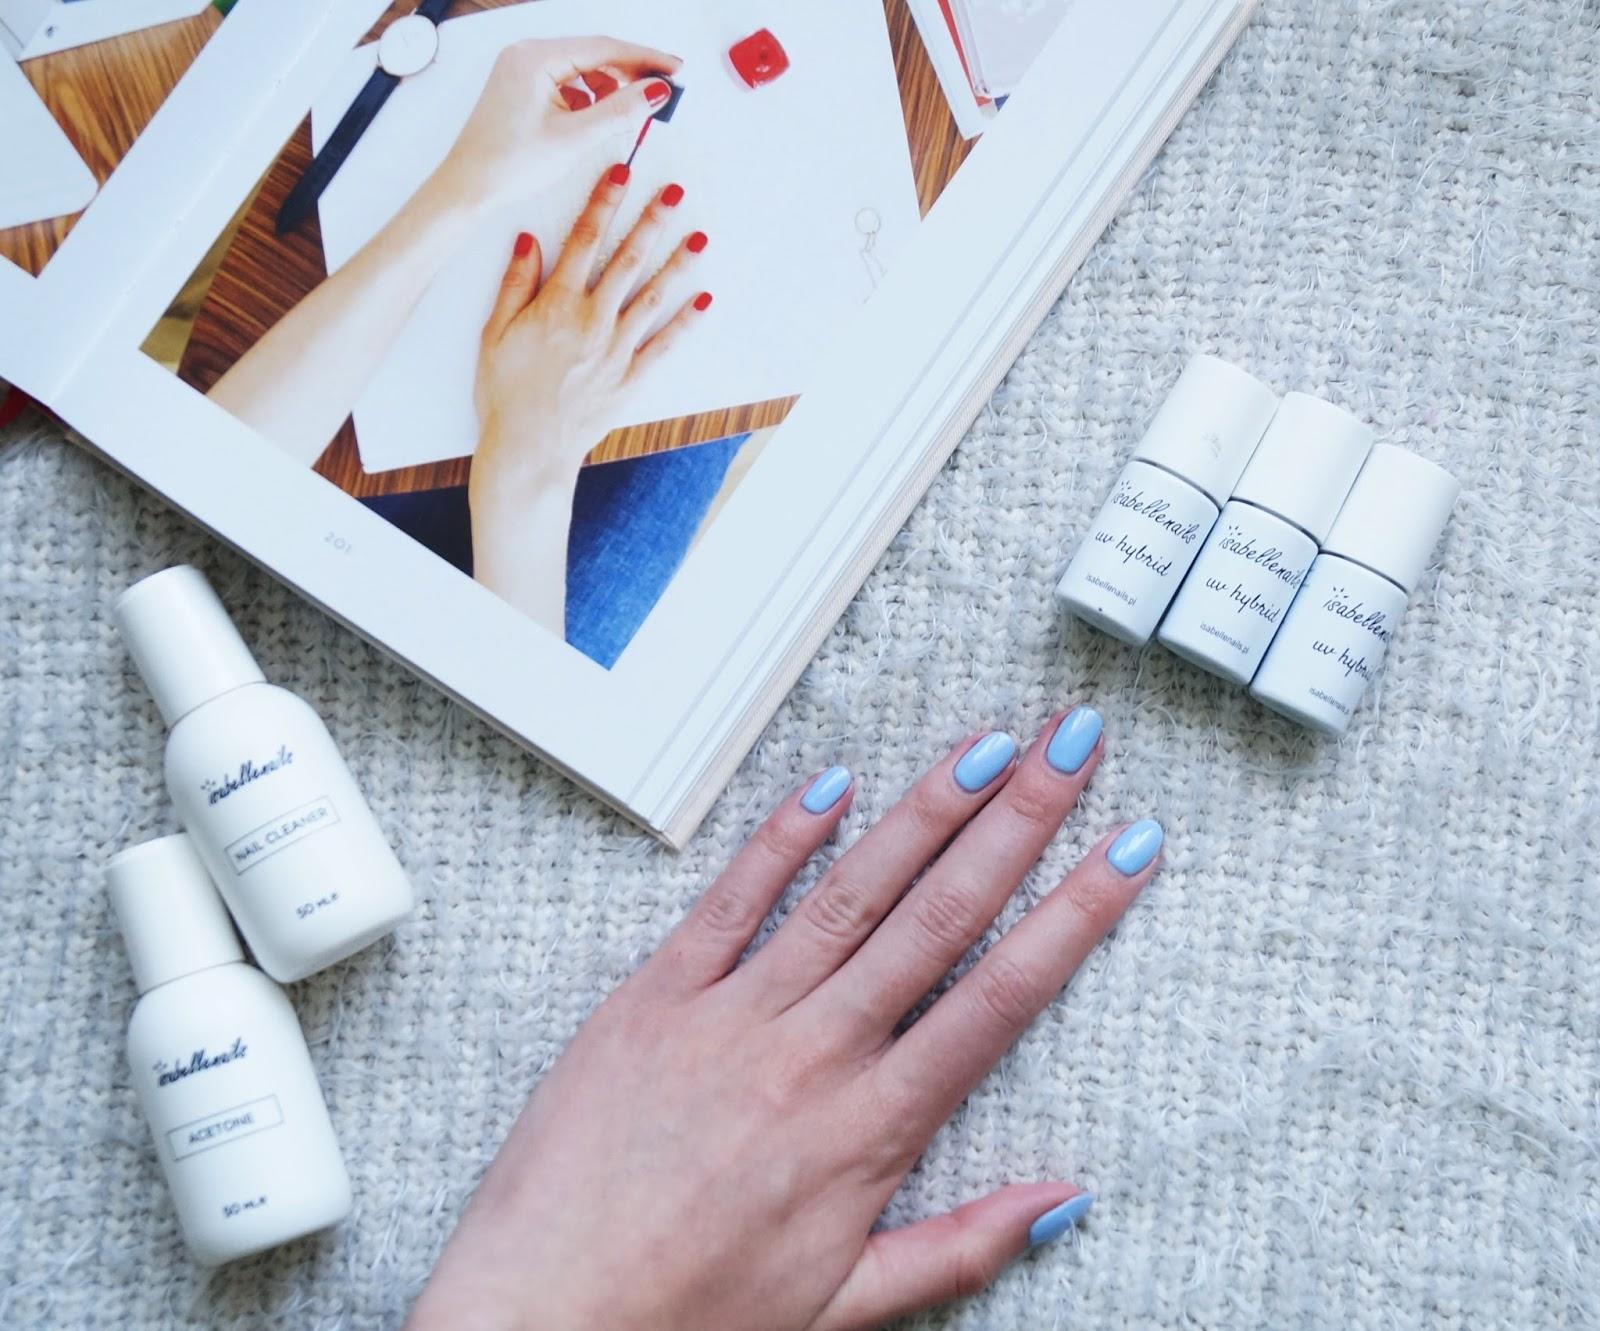 Isabellenails 359. Pastel Royal Blue